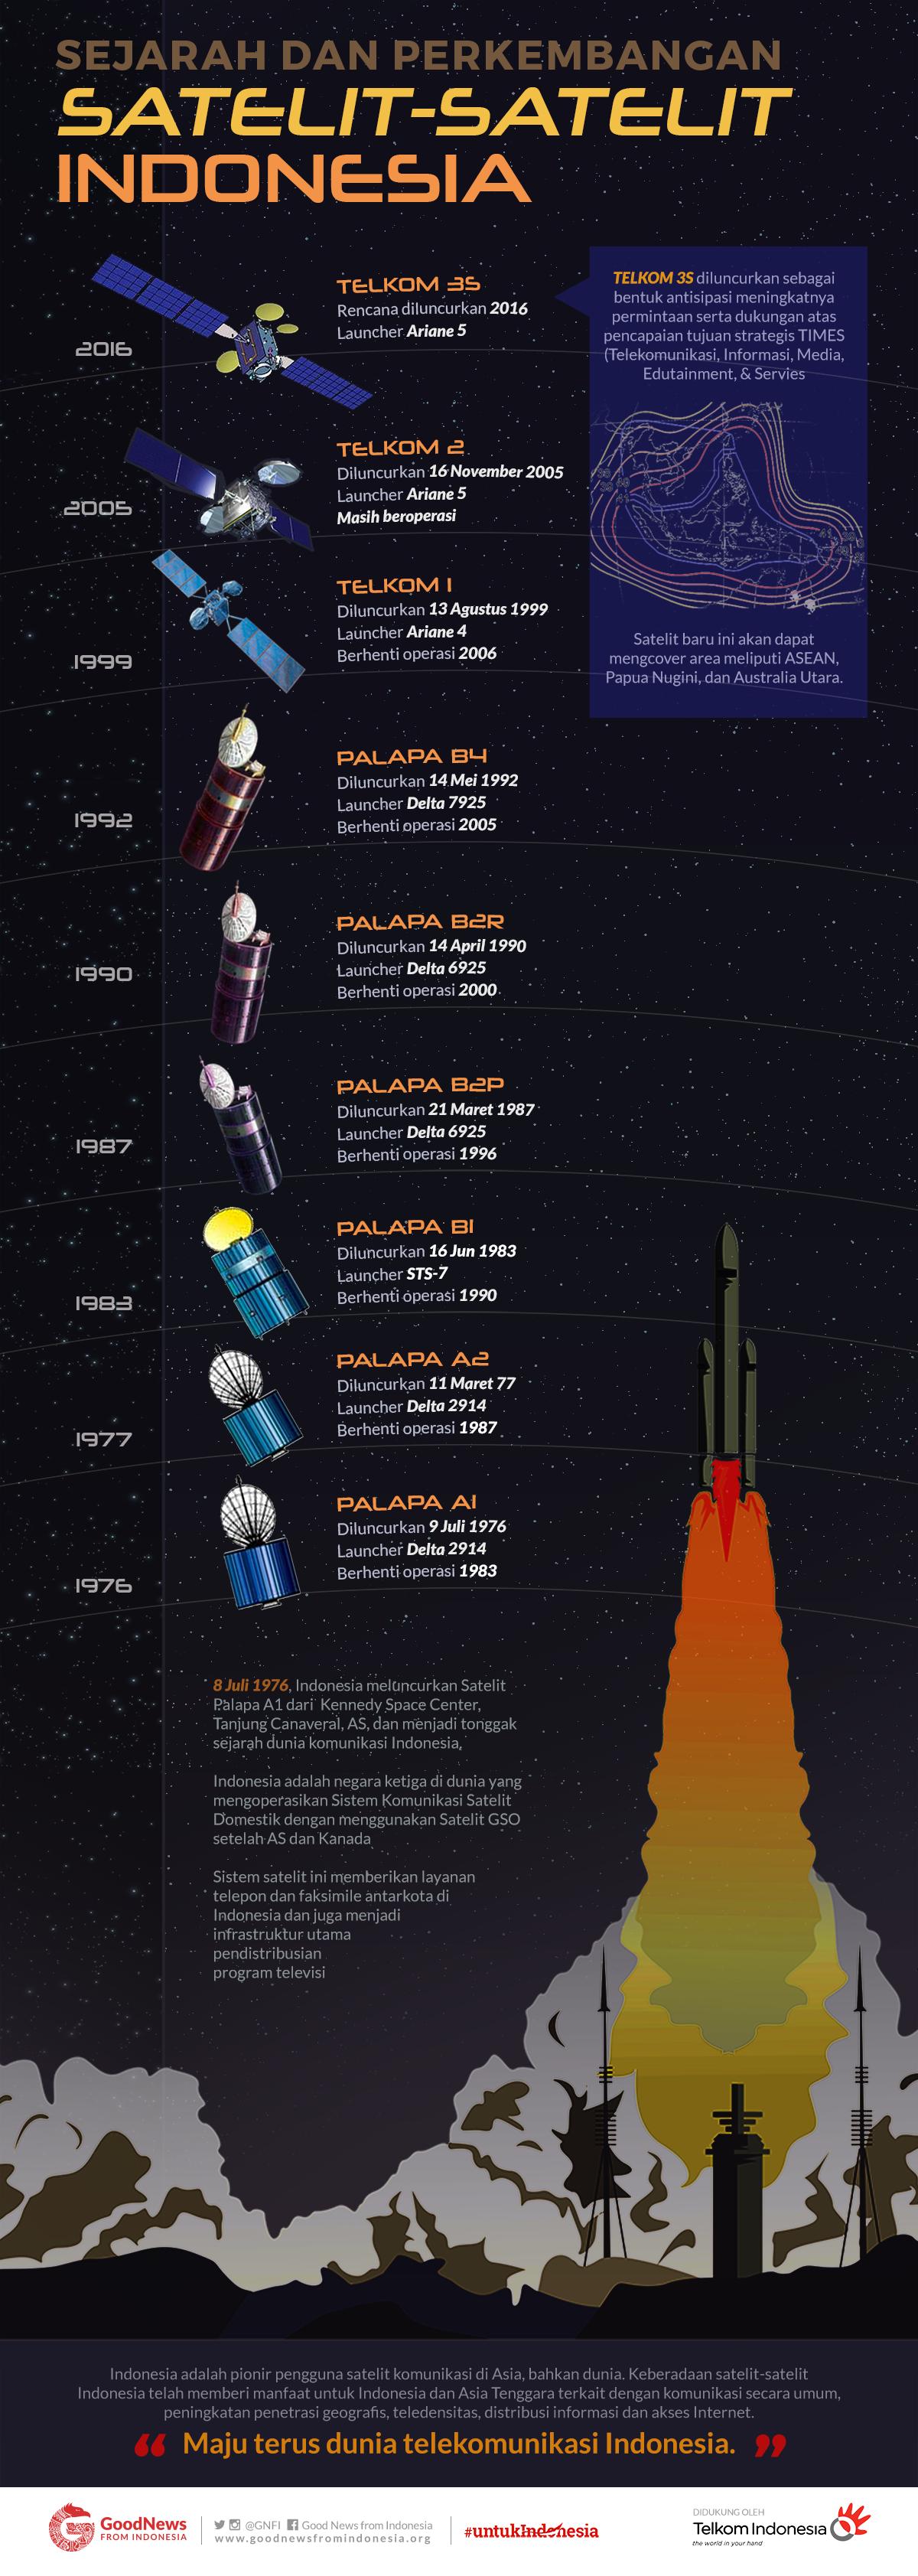 Sejarah dan Perkembangan Satelit-satelit Indonesia